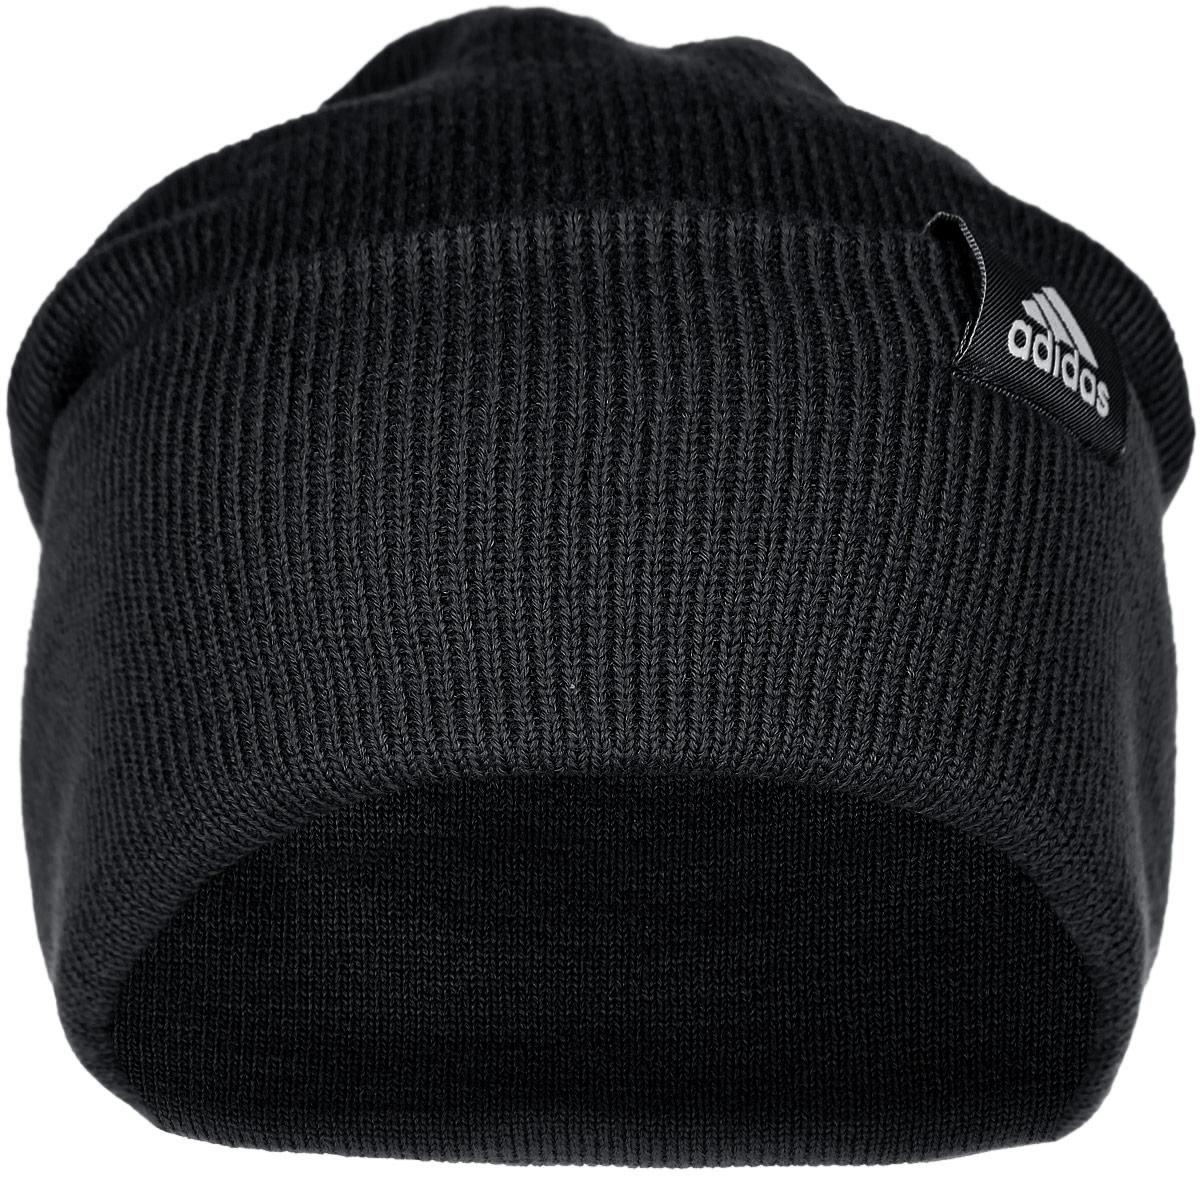 Шапка Adidas Performance, цвет: черный. AB0349. Размер 56AB0349Шапка Adidas Performance отлично подойдет для повседневной носки в прохладную погоду. Шапка выполнена из высококачественного акрила, что позволяет ей максимально сохранять тепло и обеспечивает идеальную посадку. Модель выполнена с отворотом.Такая шапка станет модным дополнением к вашему гардеробу. Она подарит вам ощущение тепла и комфорта. Уважаемые клиенты!Размер, доступный для заказа, является обхватом головы.